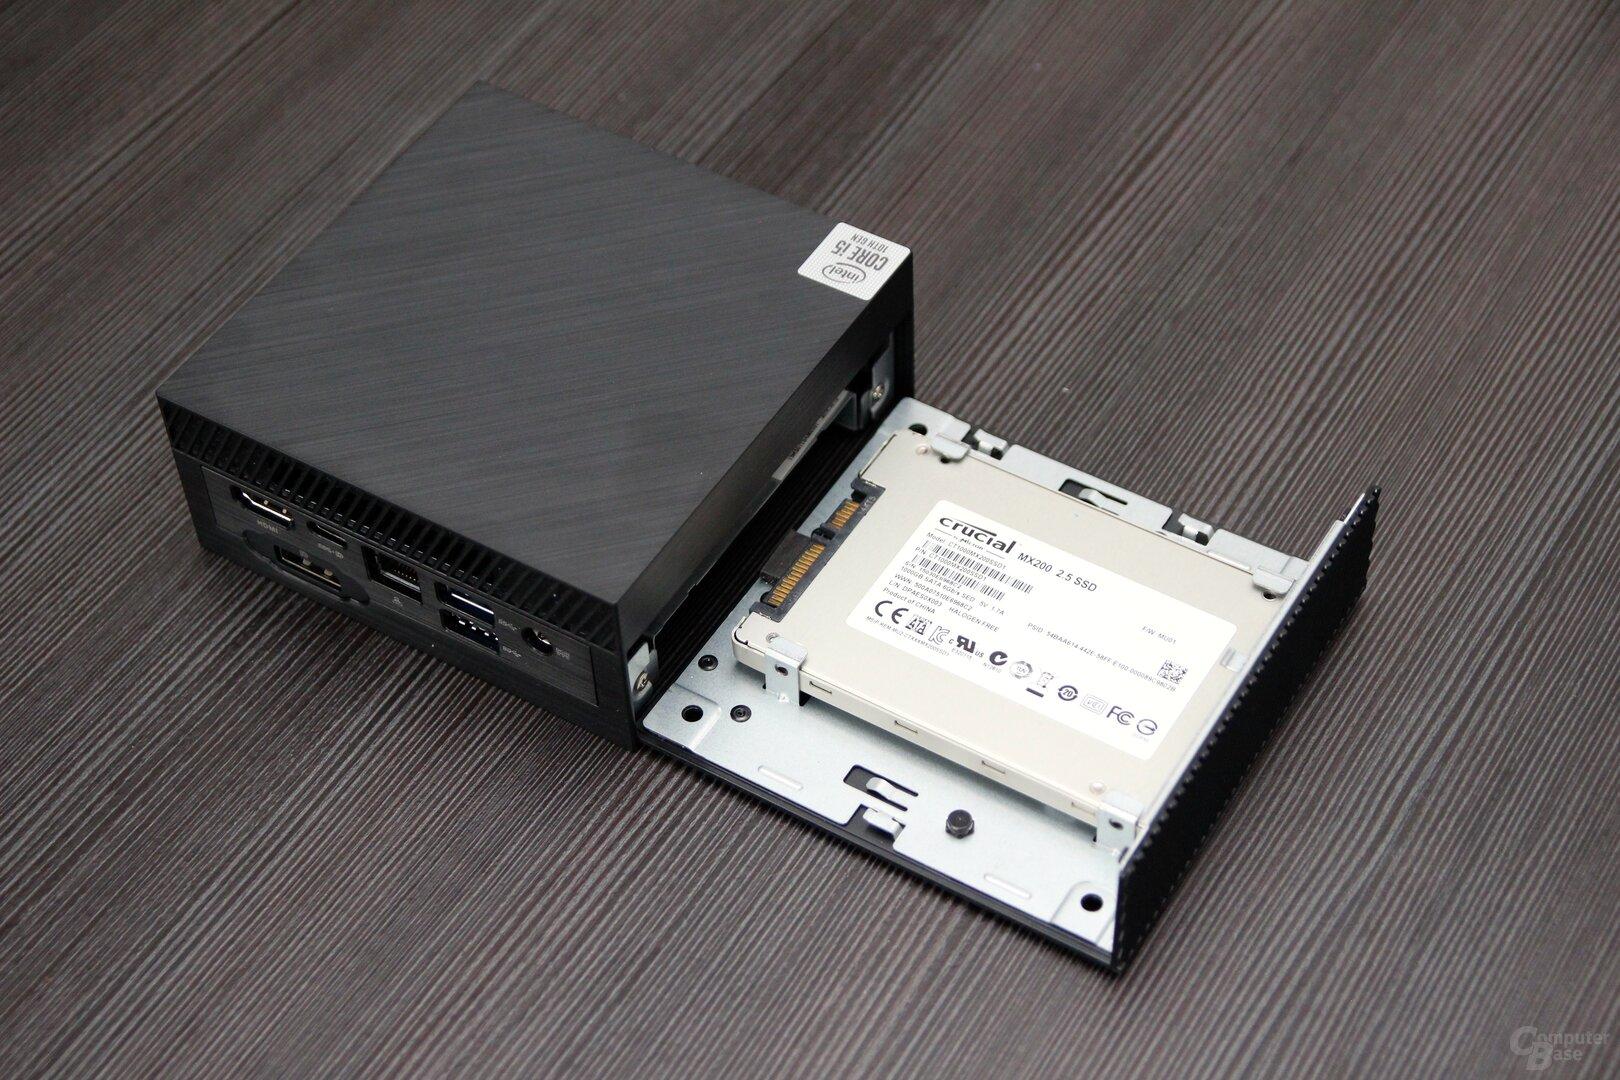 Asus PN62 mit leicht zu öffnendem Einschub für SSDs